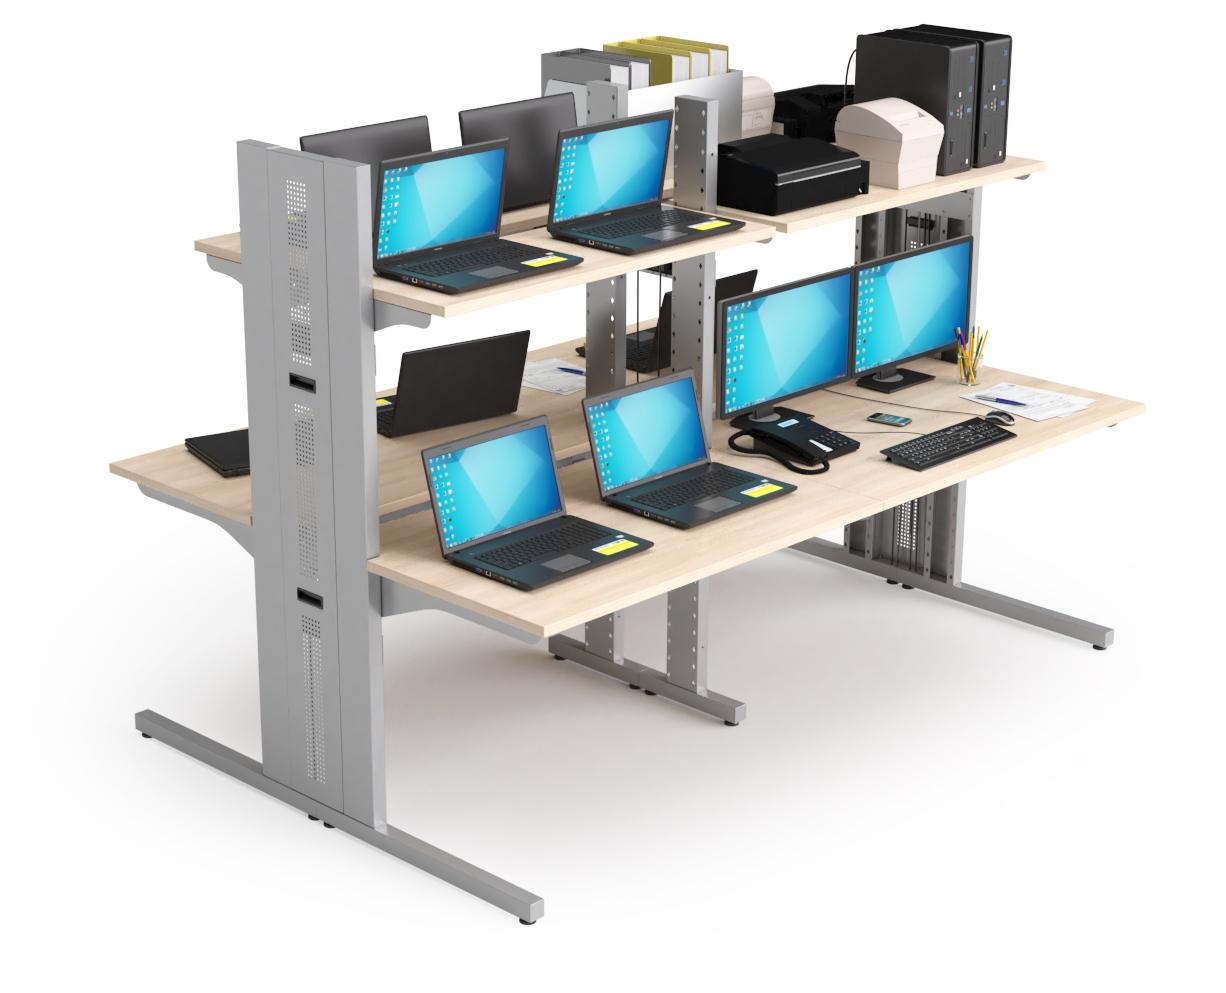 Mobilier pour salles techniques : Illot composé de 4 stations informatiques 2 niveaux